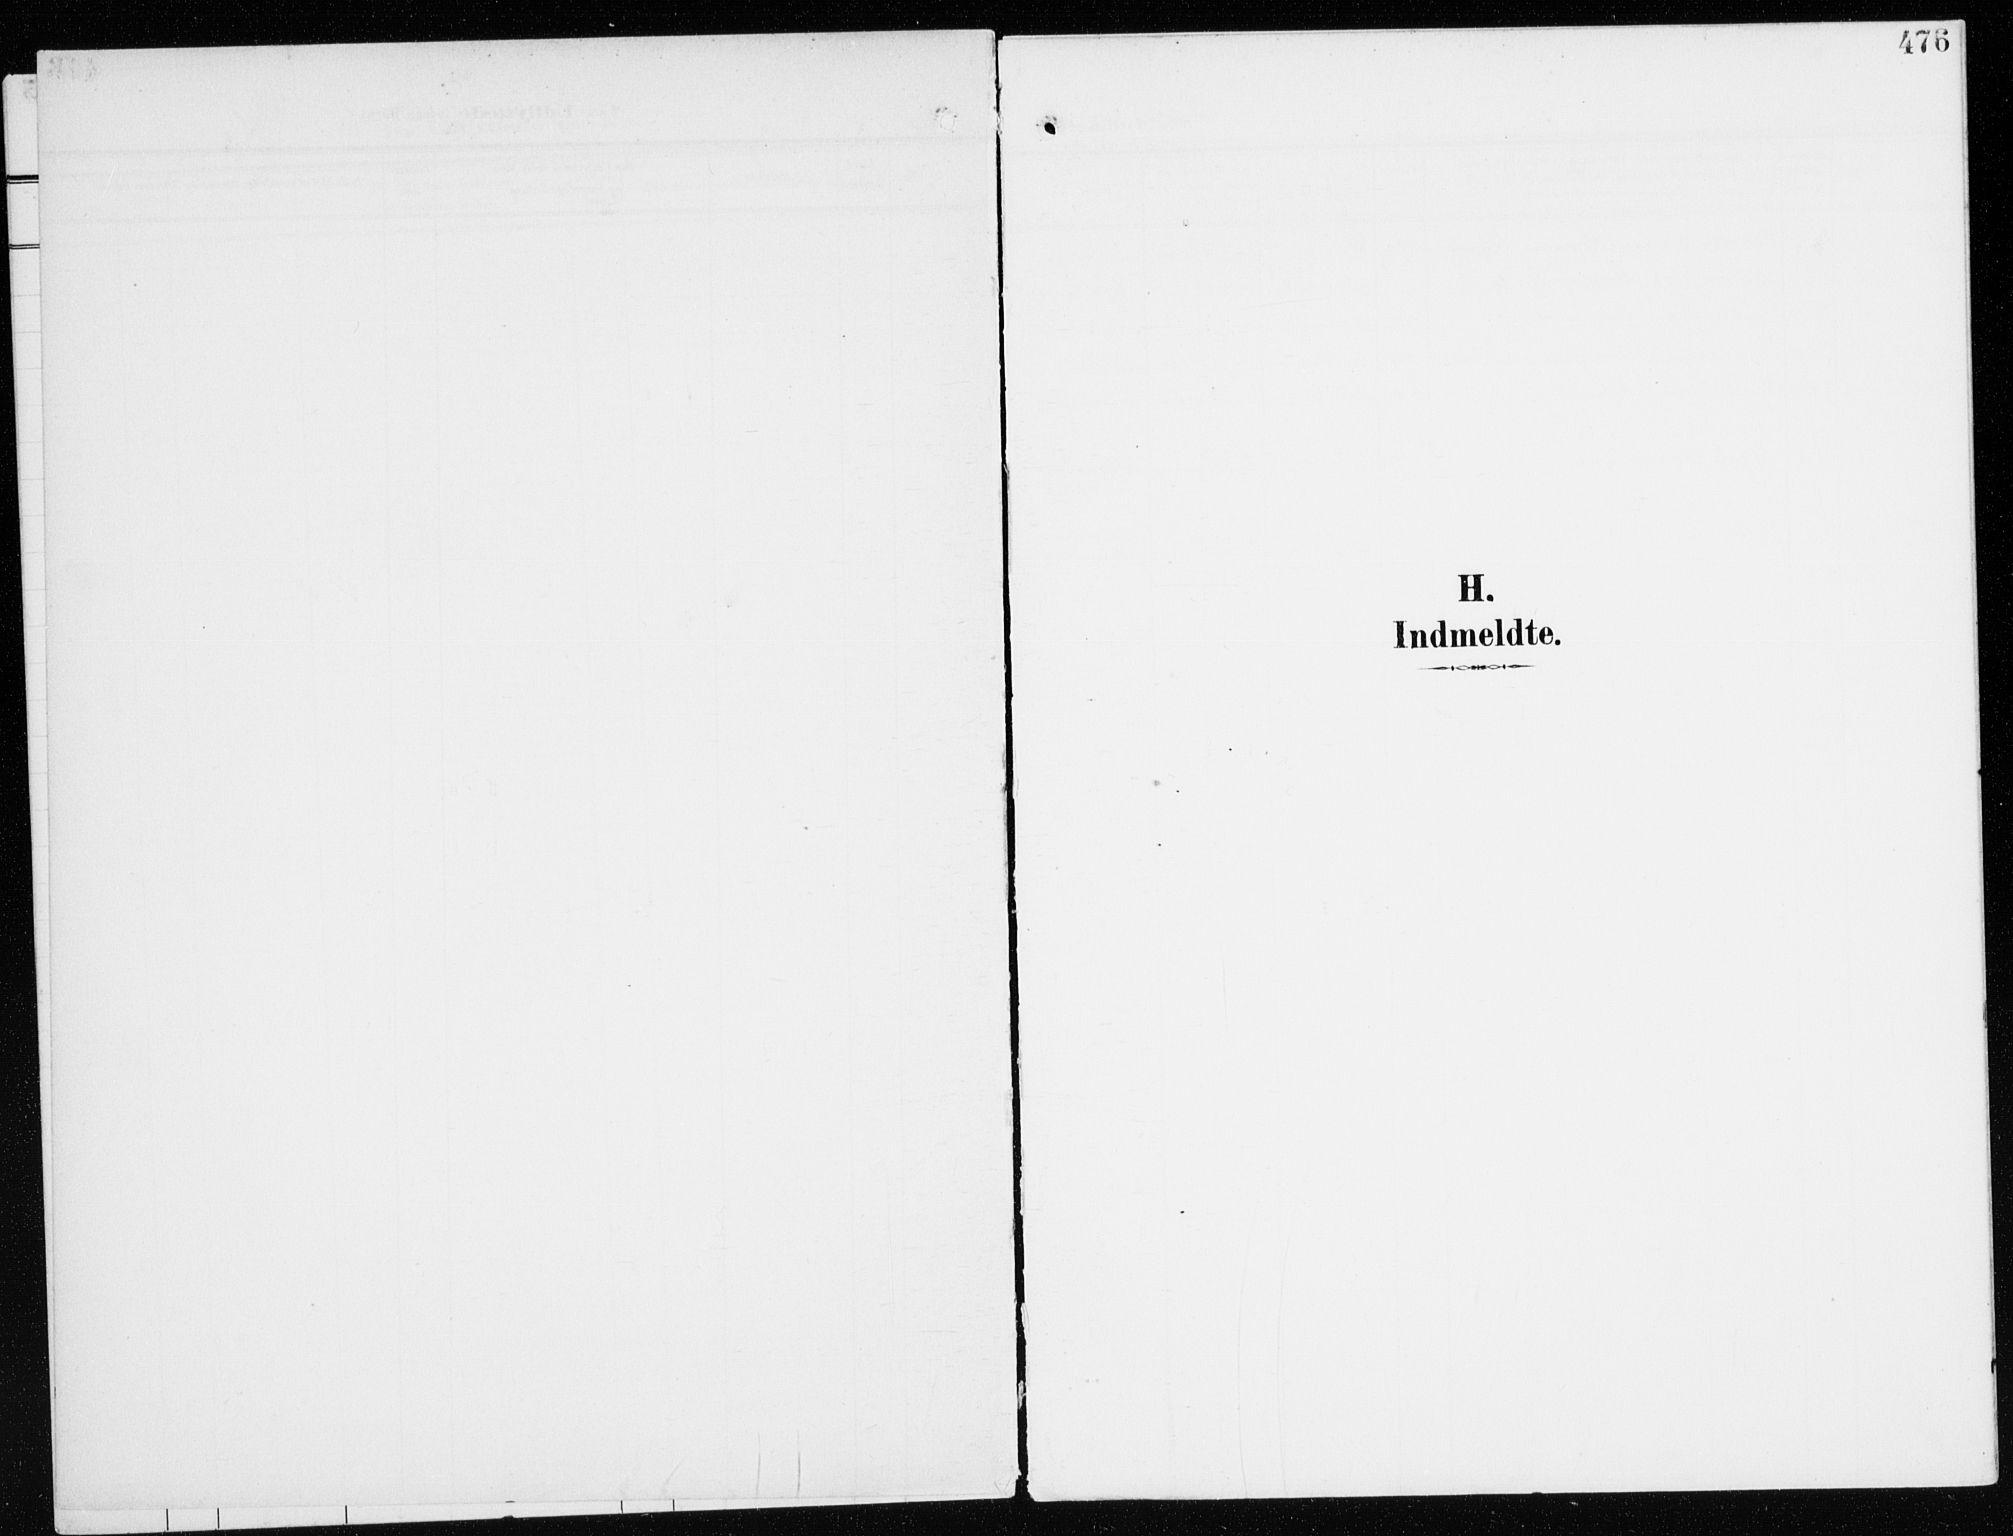 SAH, Furnes sokneprestkontor, K/Ka/L0001: Ministerialbok nr. 1, 1907-1935, s. 476